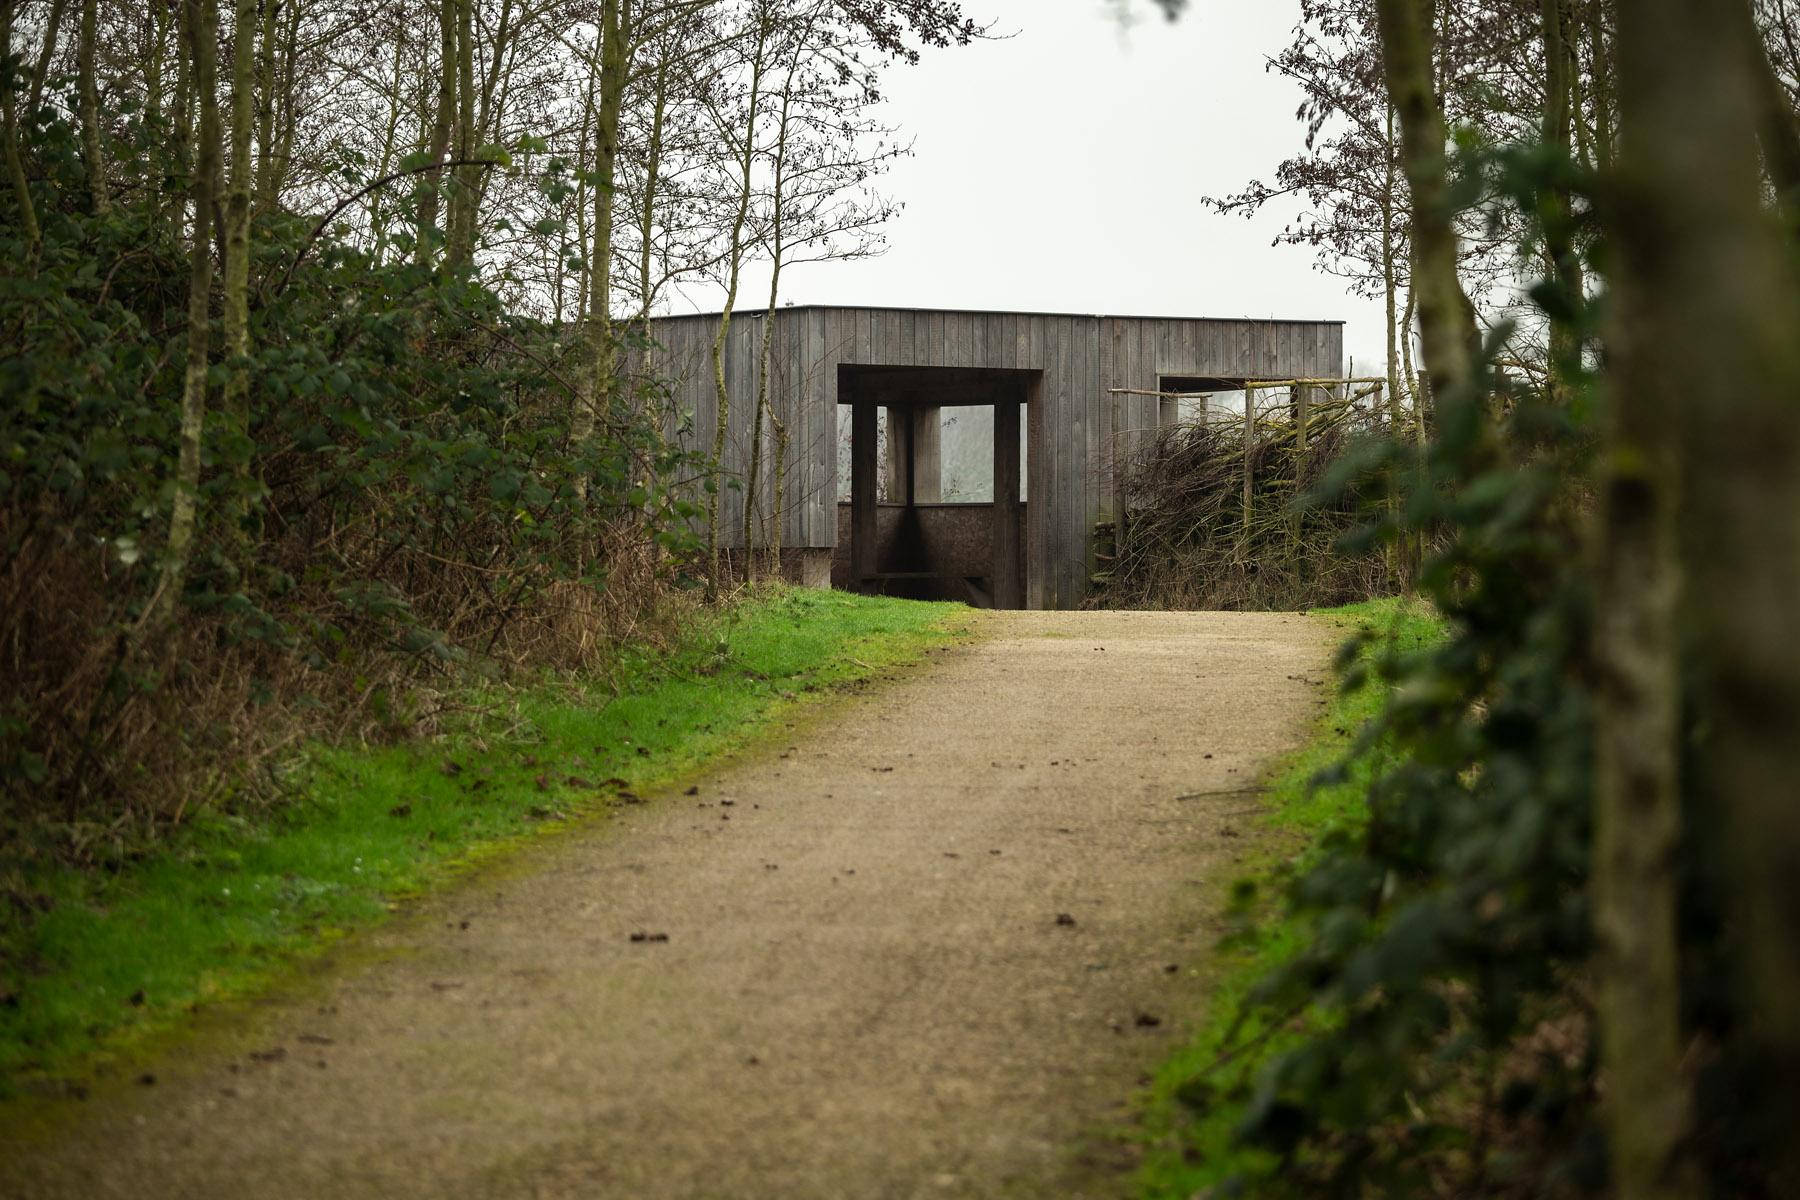 landschapsfotografie, landschapsfotografie in het provinciedomein Zeebos, Kijkhut in het Provinciedomein Zeebos - Blankenberge, West-Vlaams landschapsfotograaf Glenn Vanderbeke